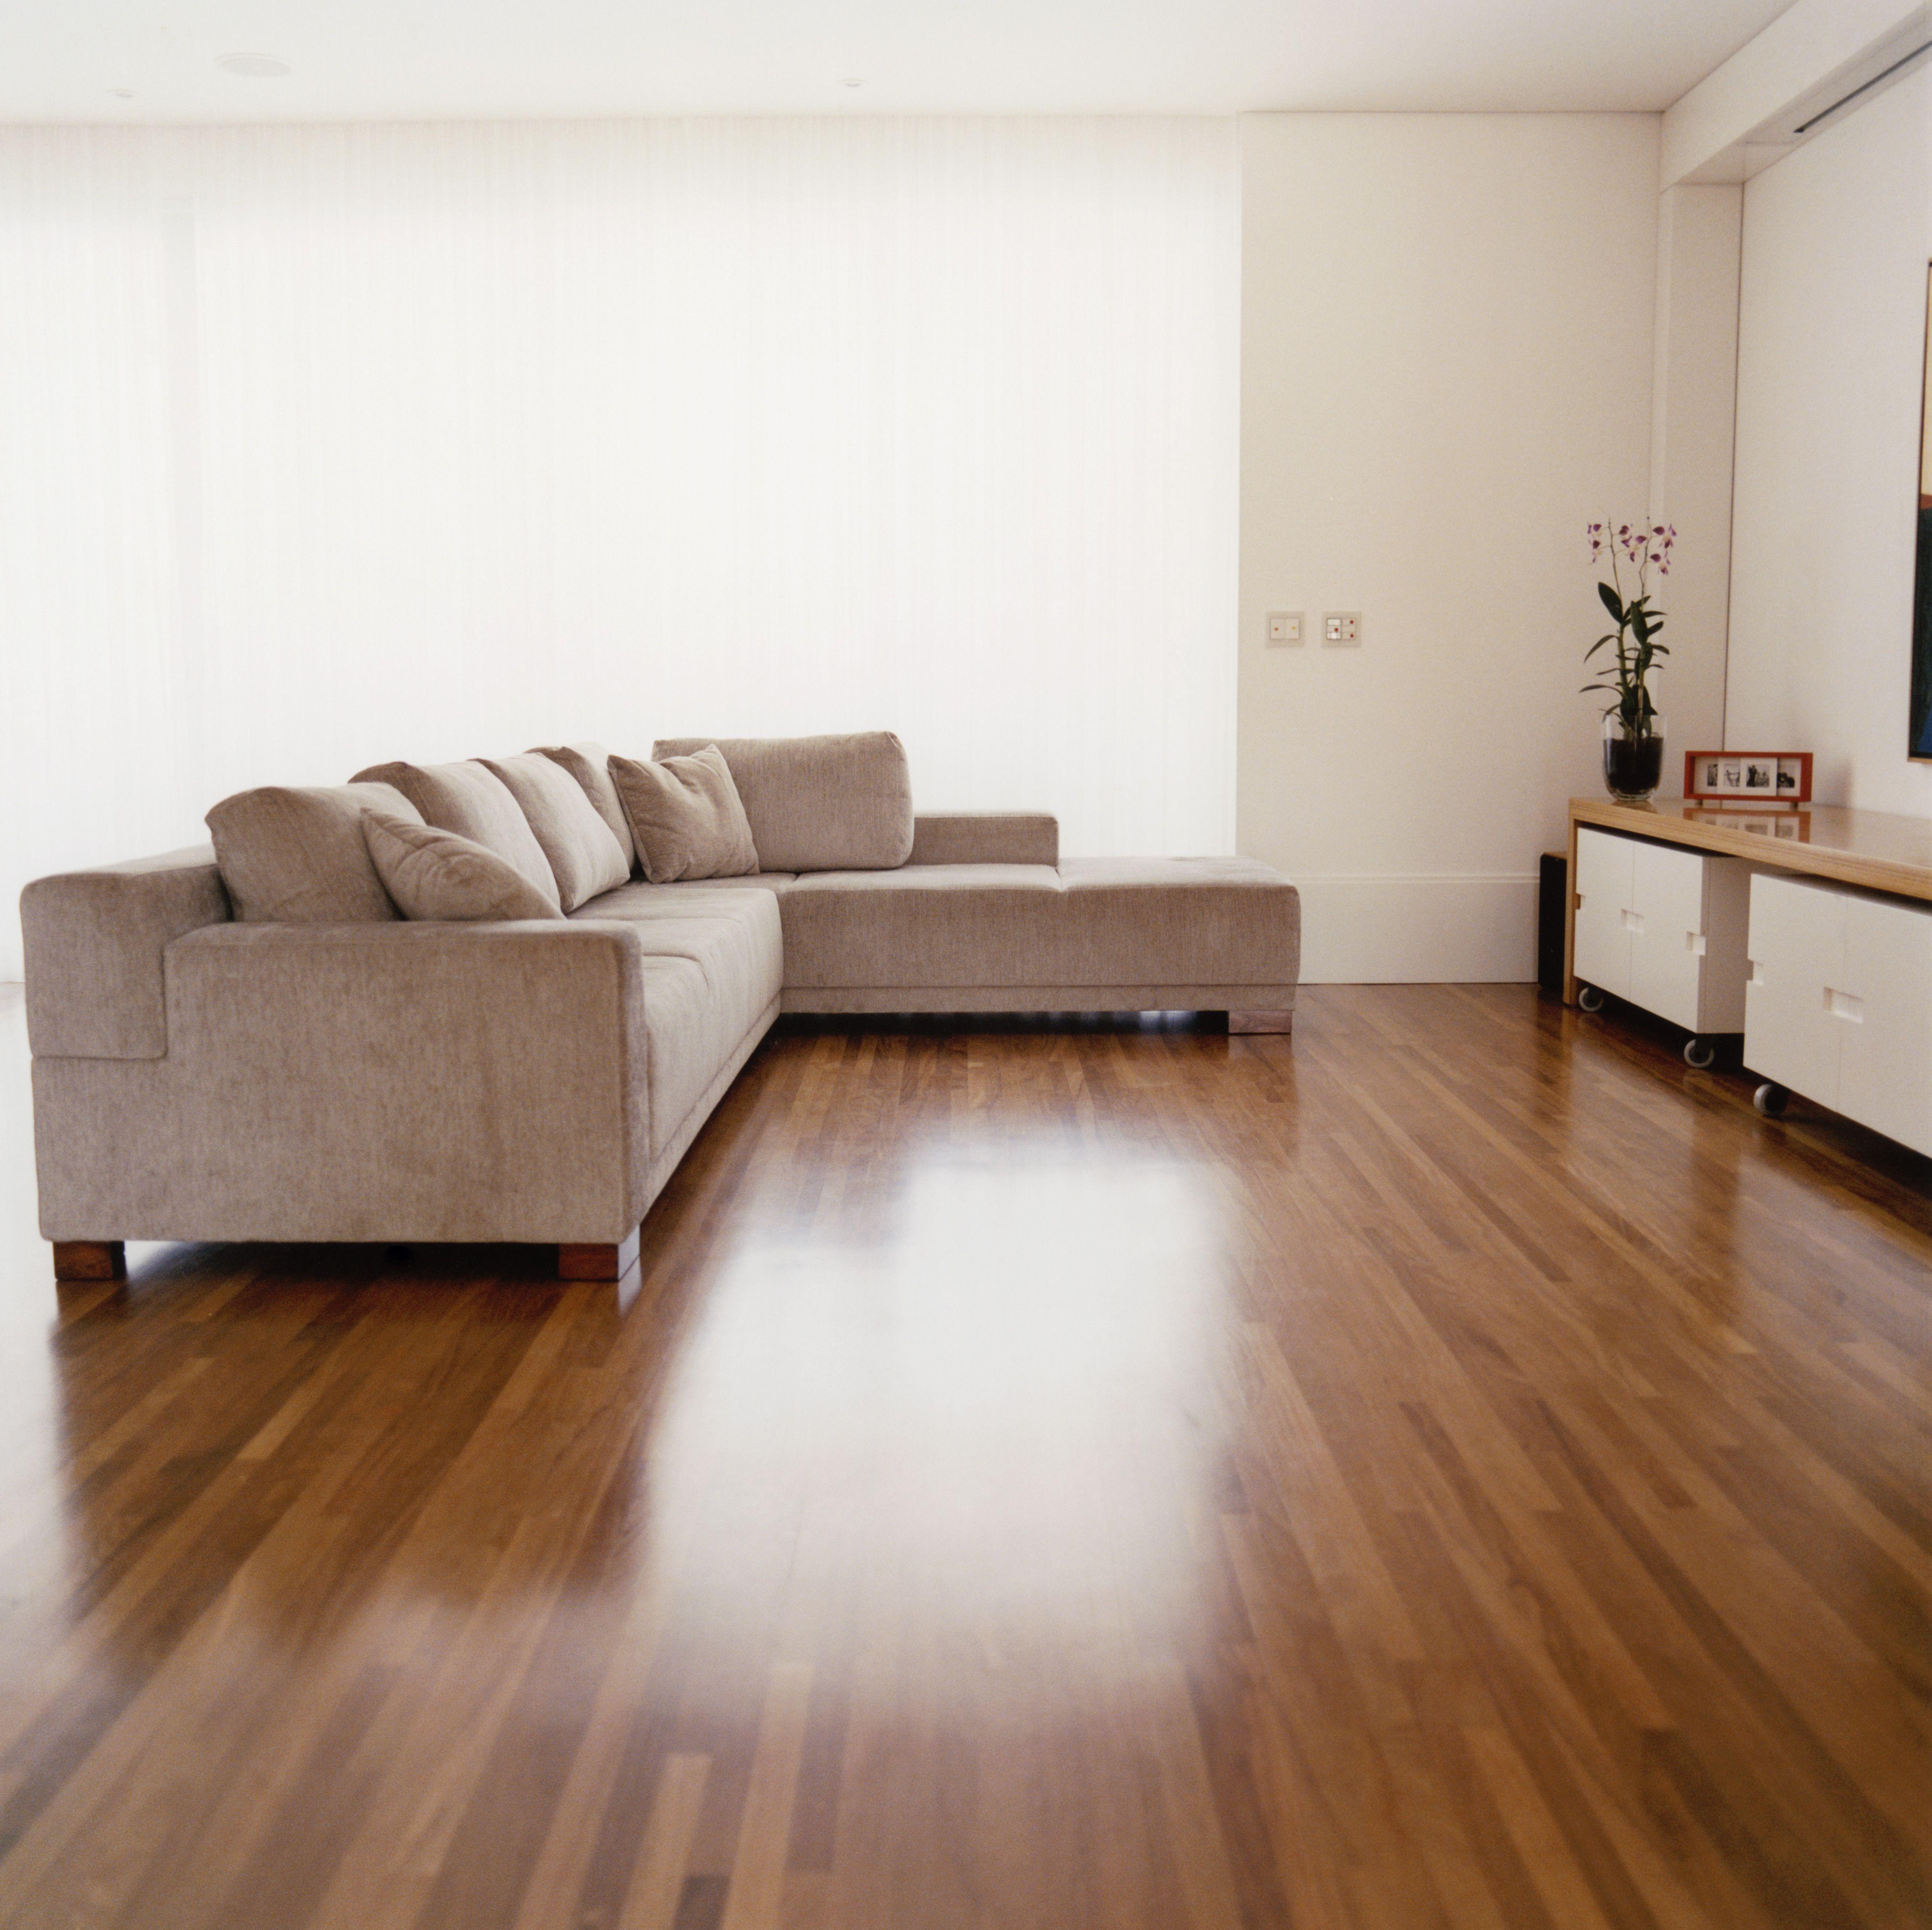 Luxury Non Carpet Flooring Options